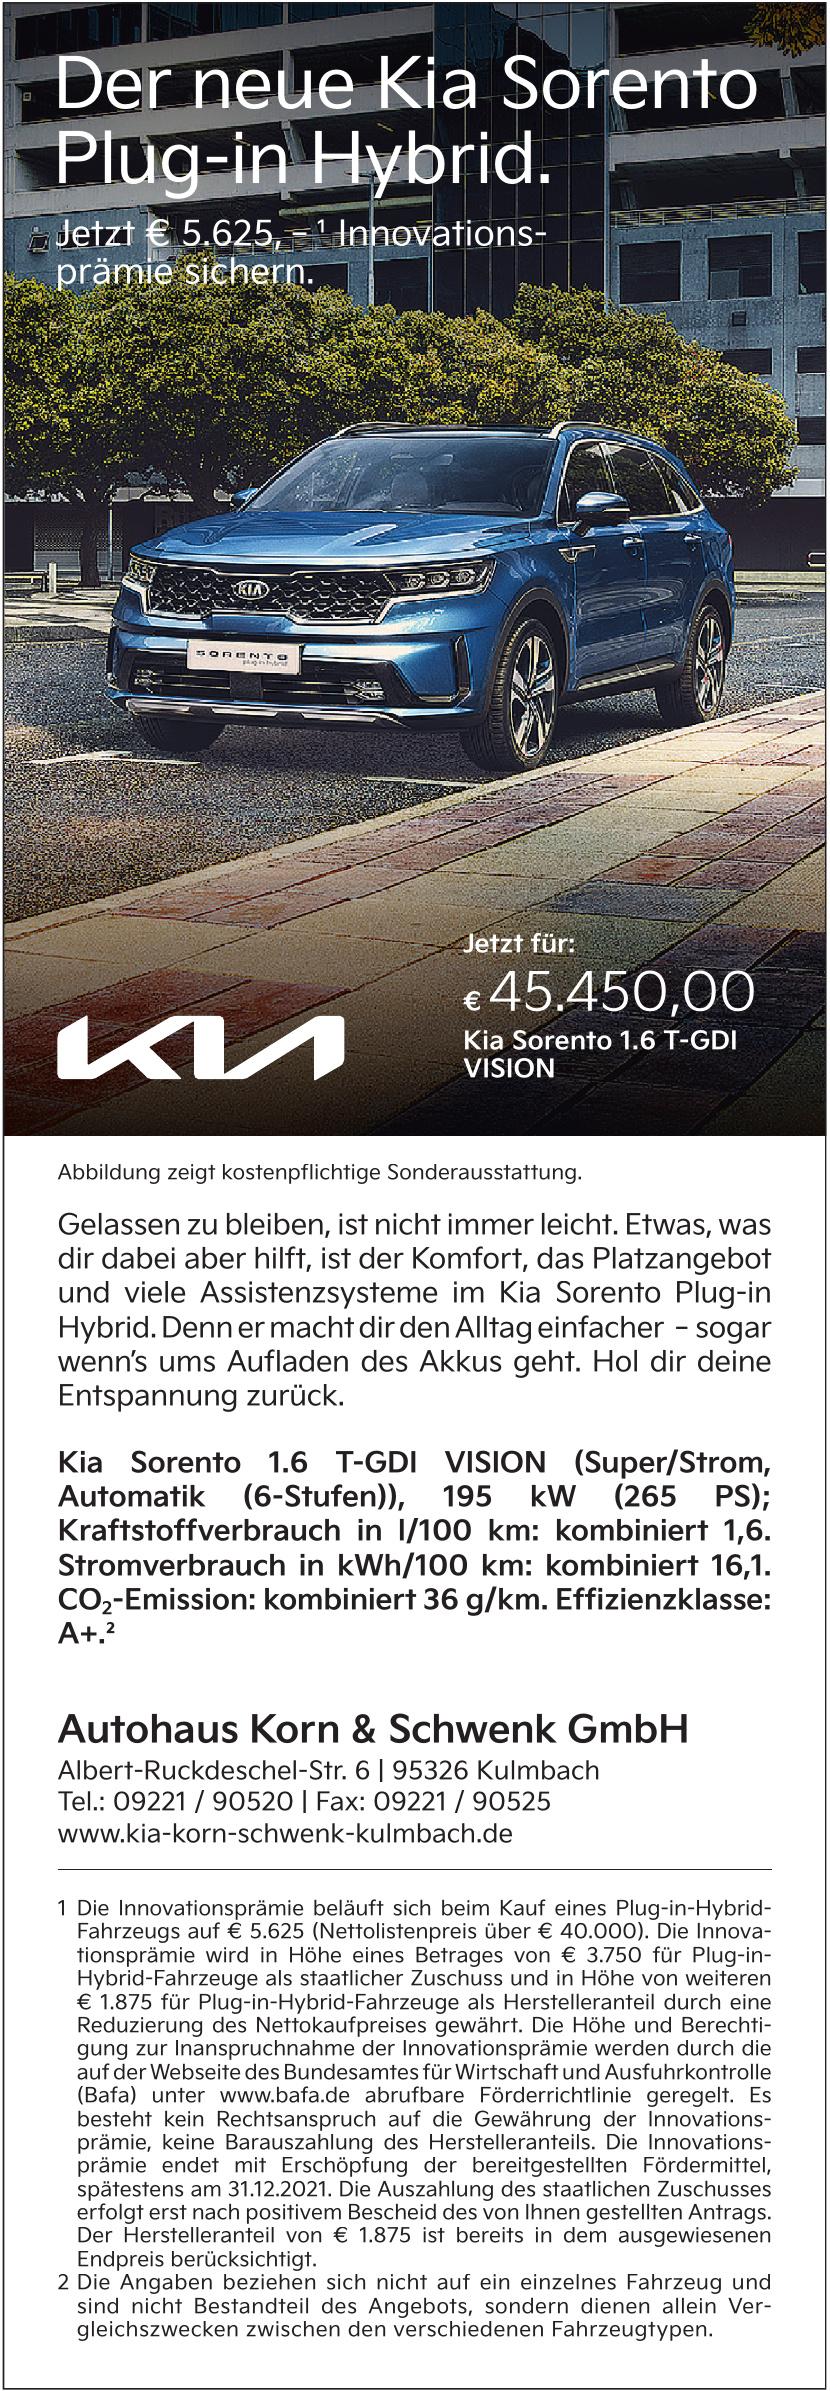 Autohaus Korn & Schwenk GmbH